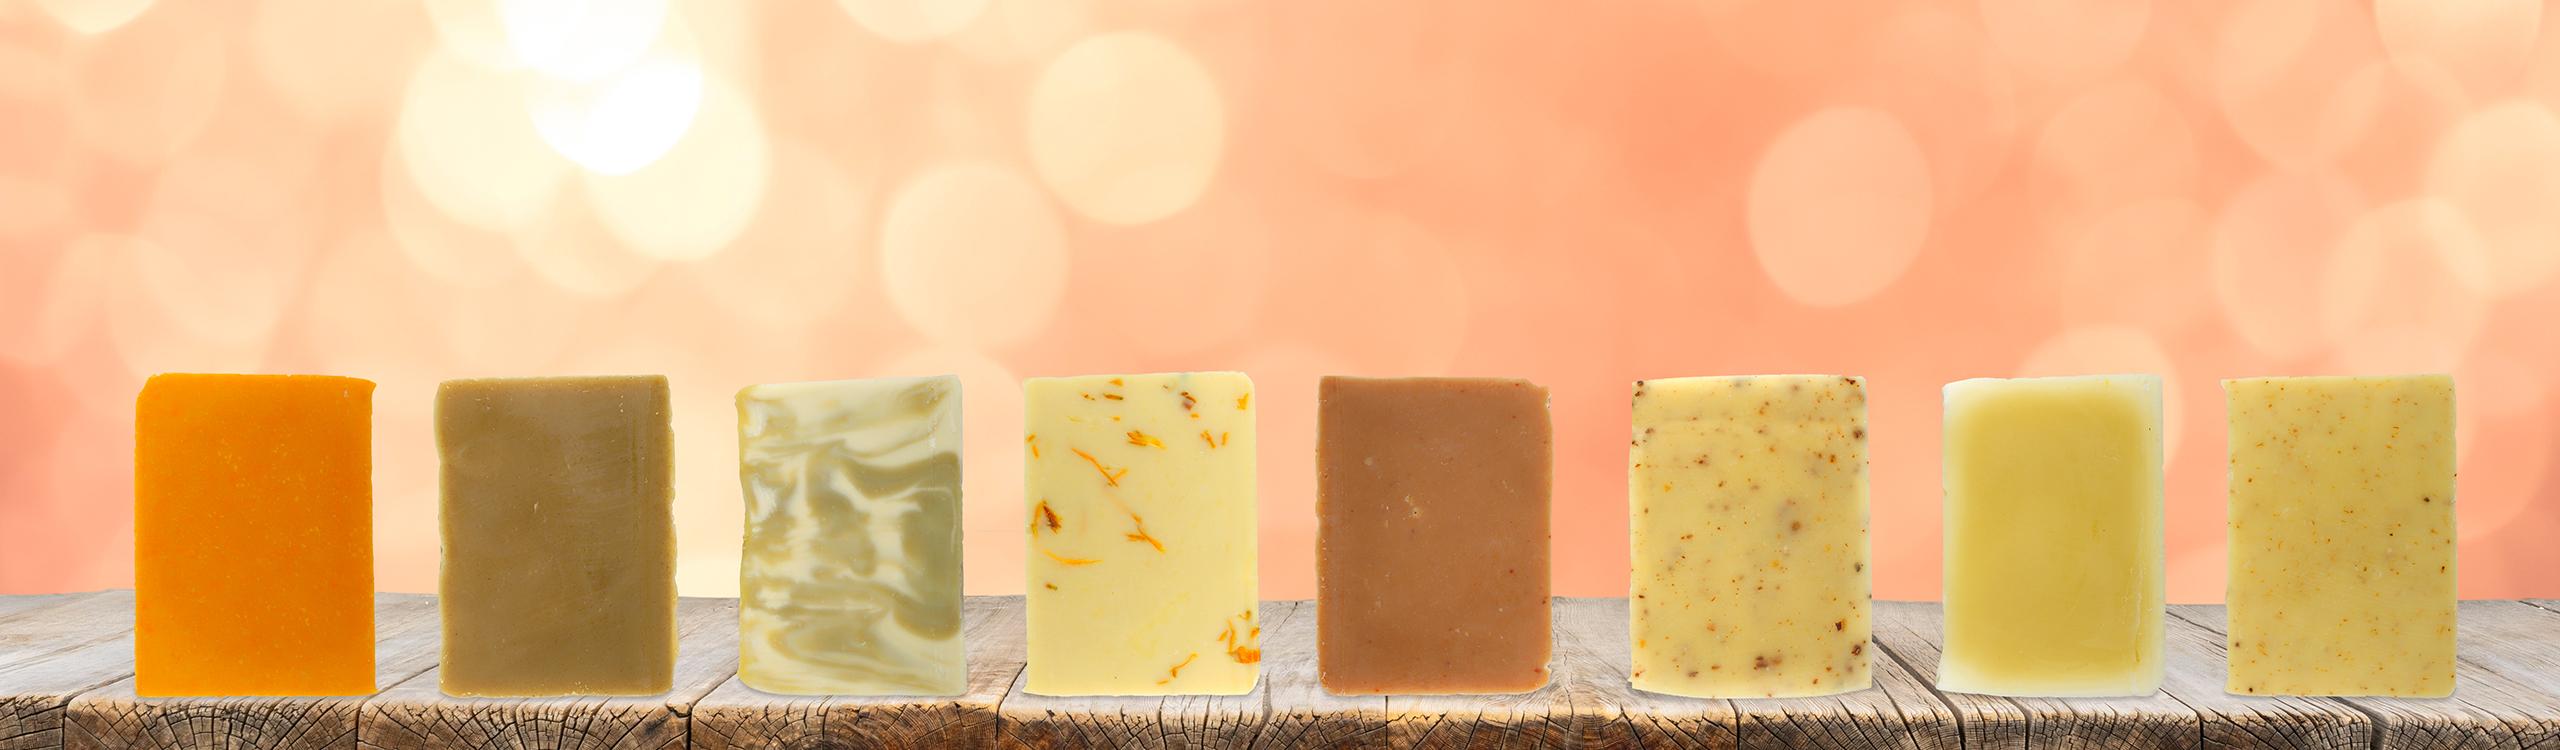 savonnerie artisanale, savonnerie artisanale angevine, savonnerie artisanale à murs Erigné, savon à froid, savon au beurre de karité, beurre de karité équitable, karité brut